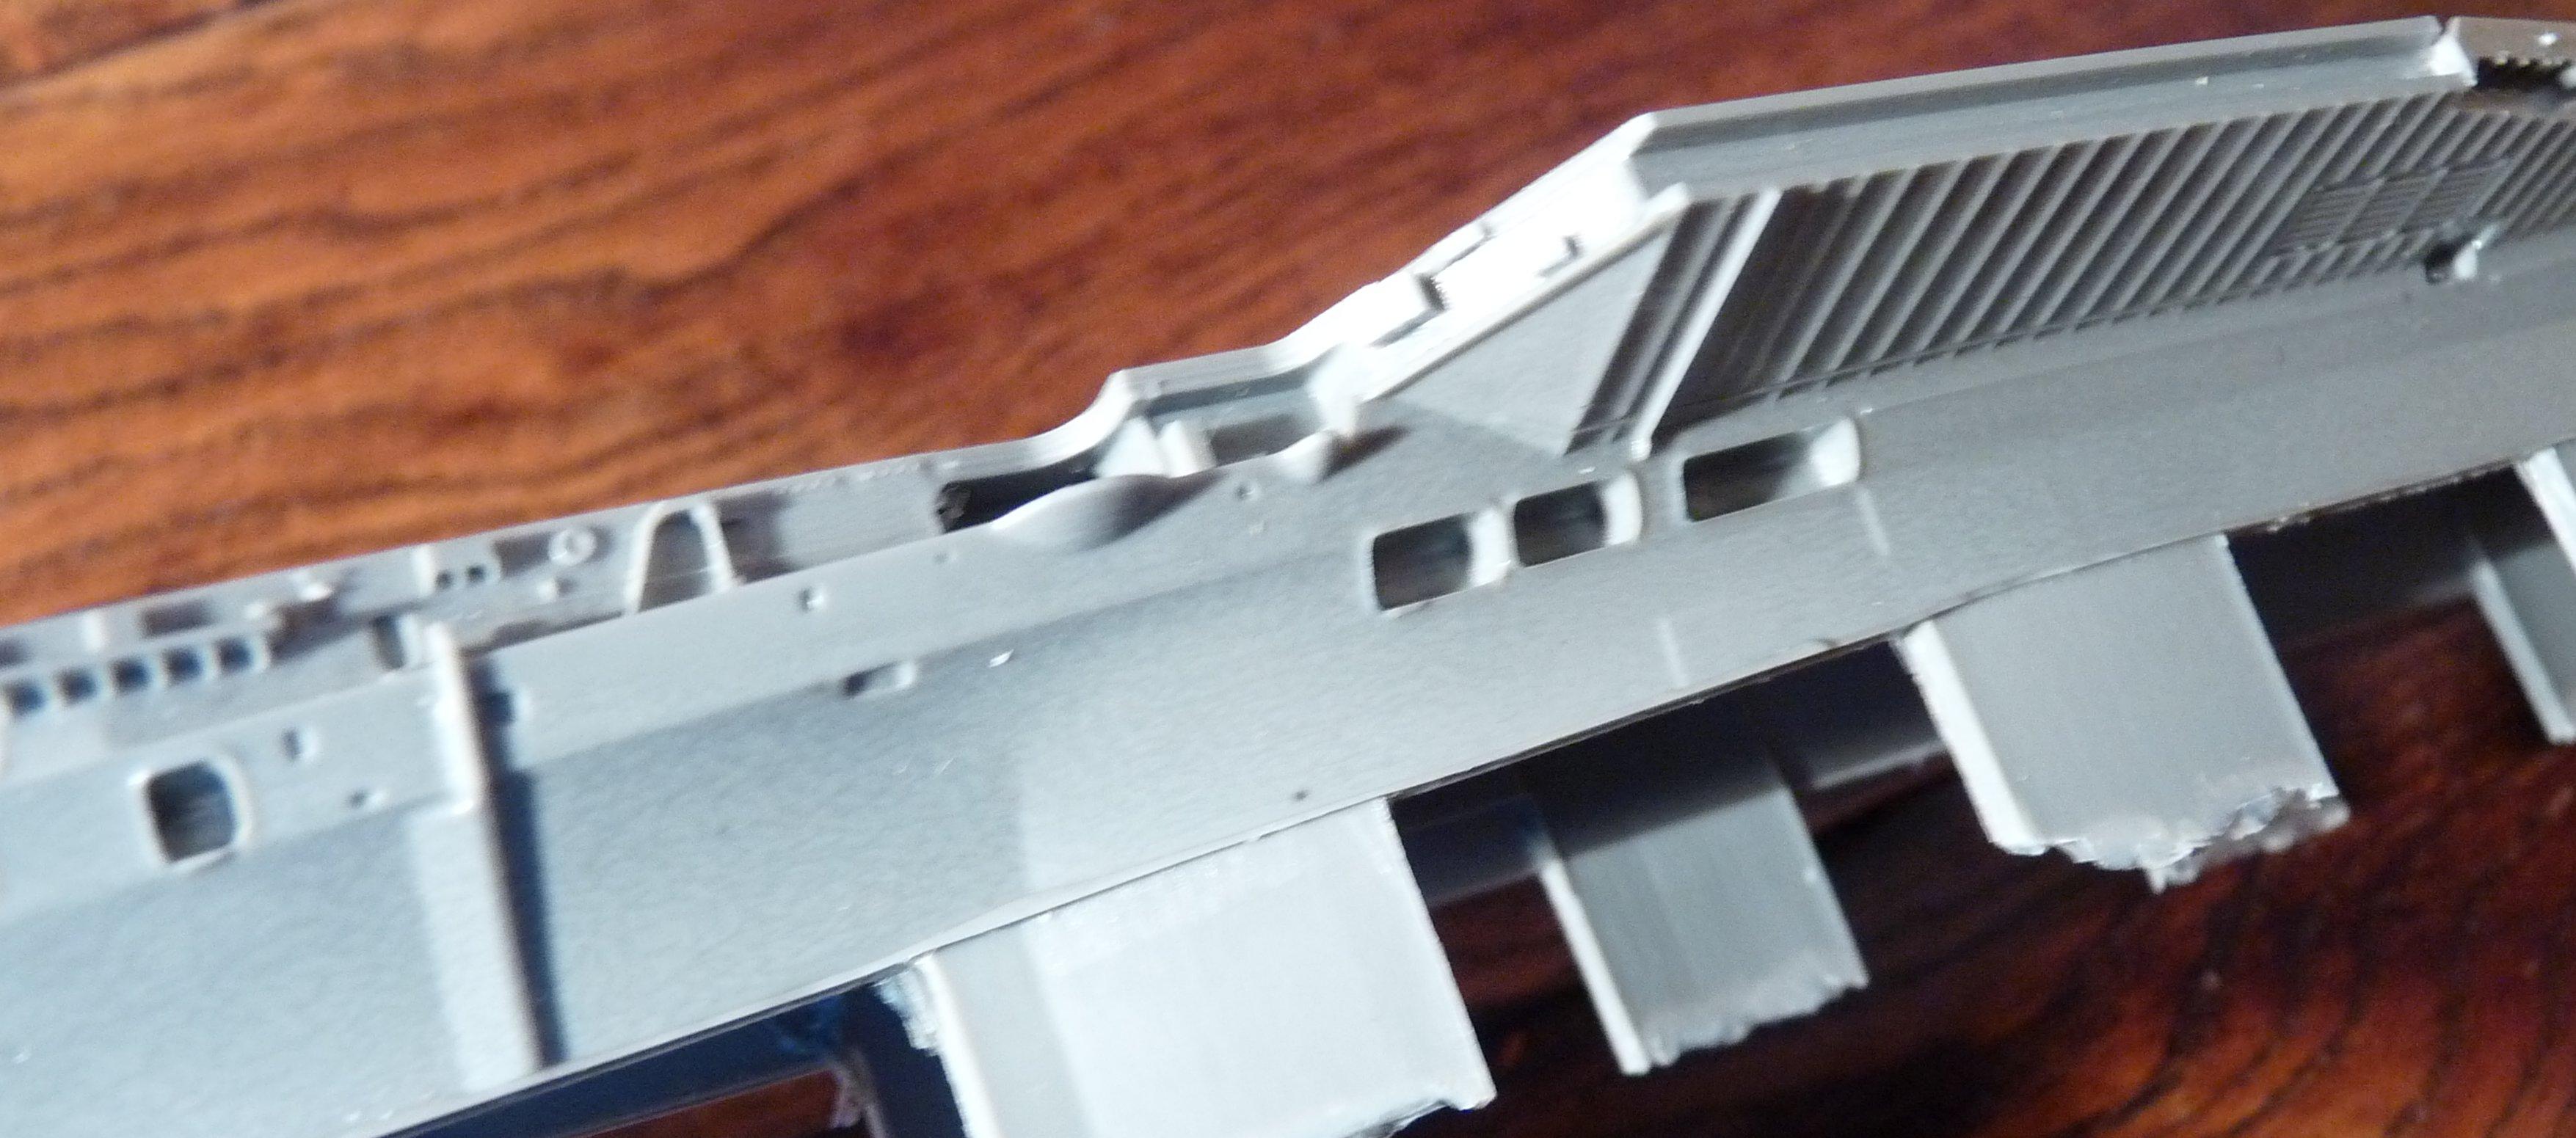 [HMS Victorious après refonte] 1/700e maquette Orange Hobby 17072112562923134915159383